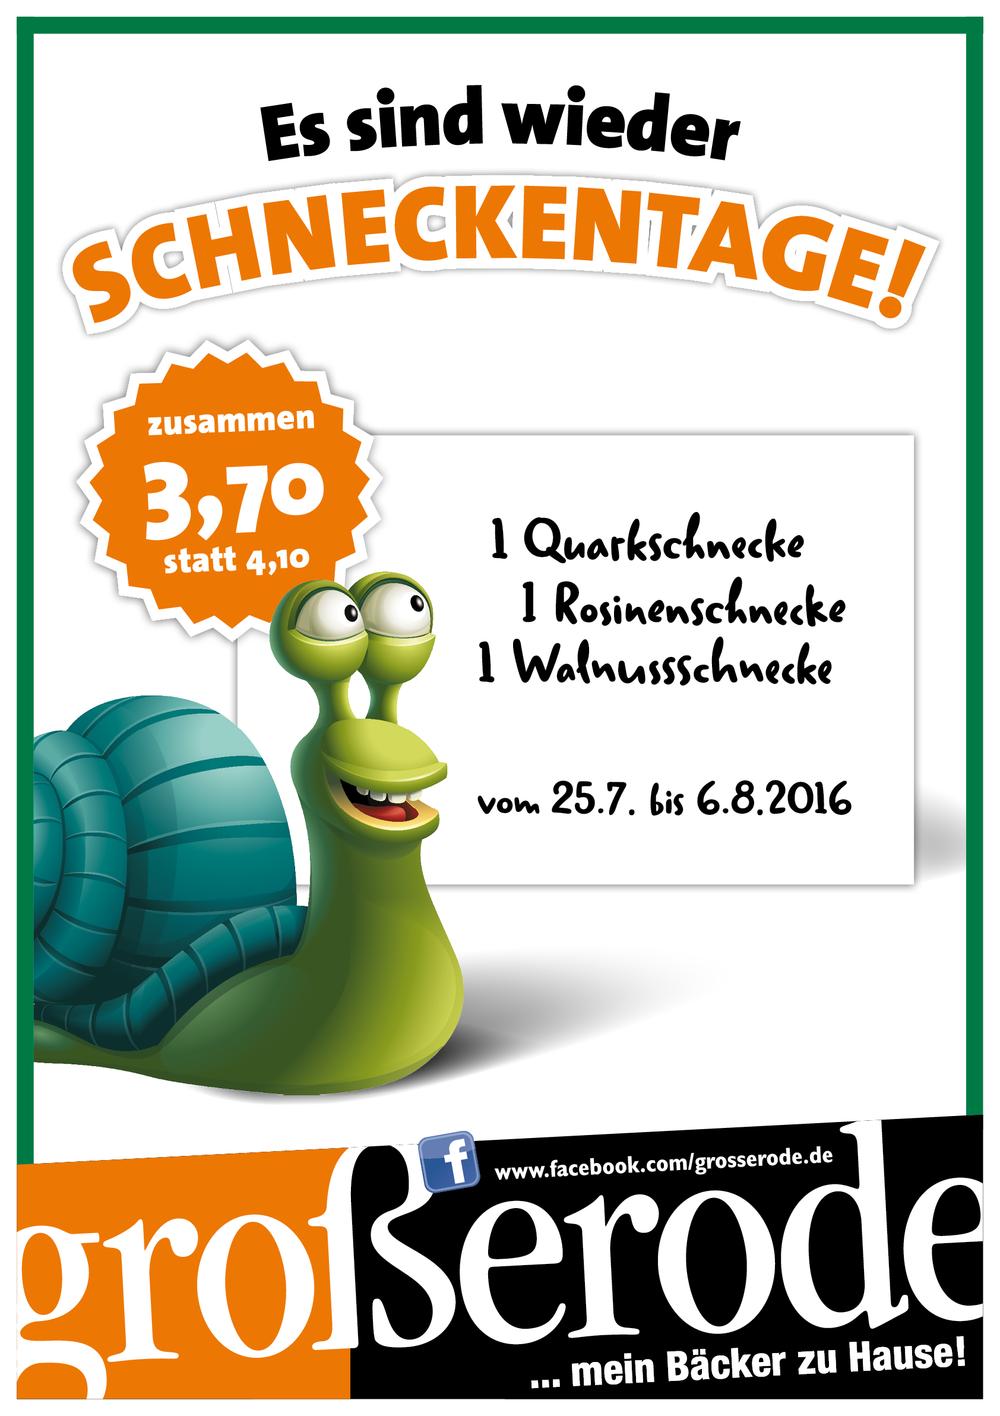 20160502_Grosserode_Schneckentage_Teil2_Web.png